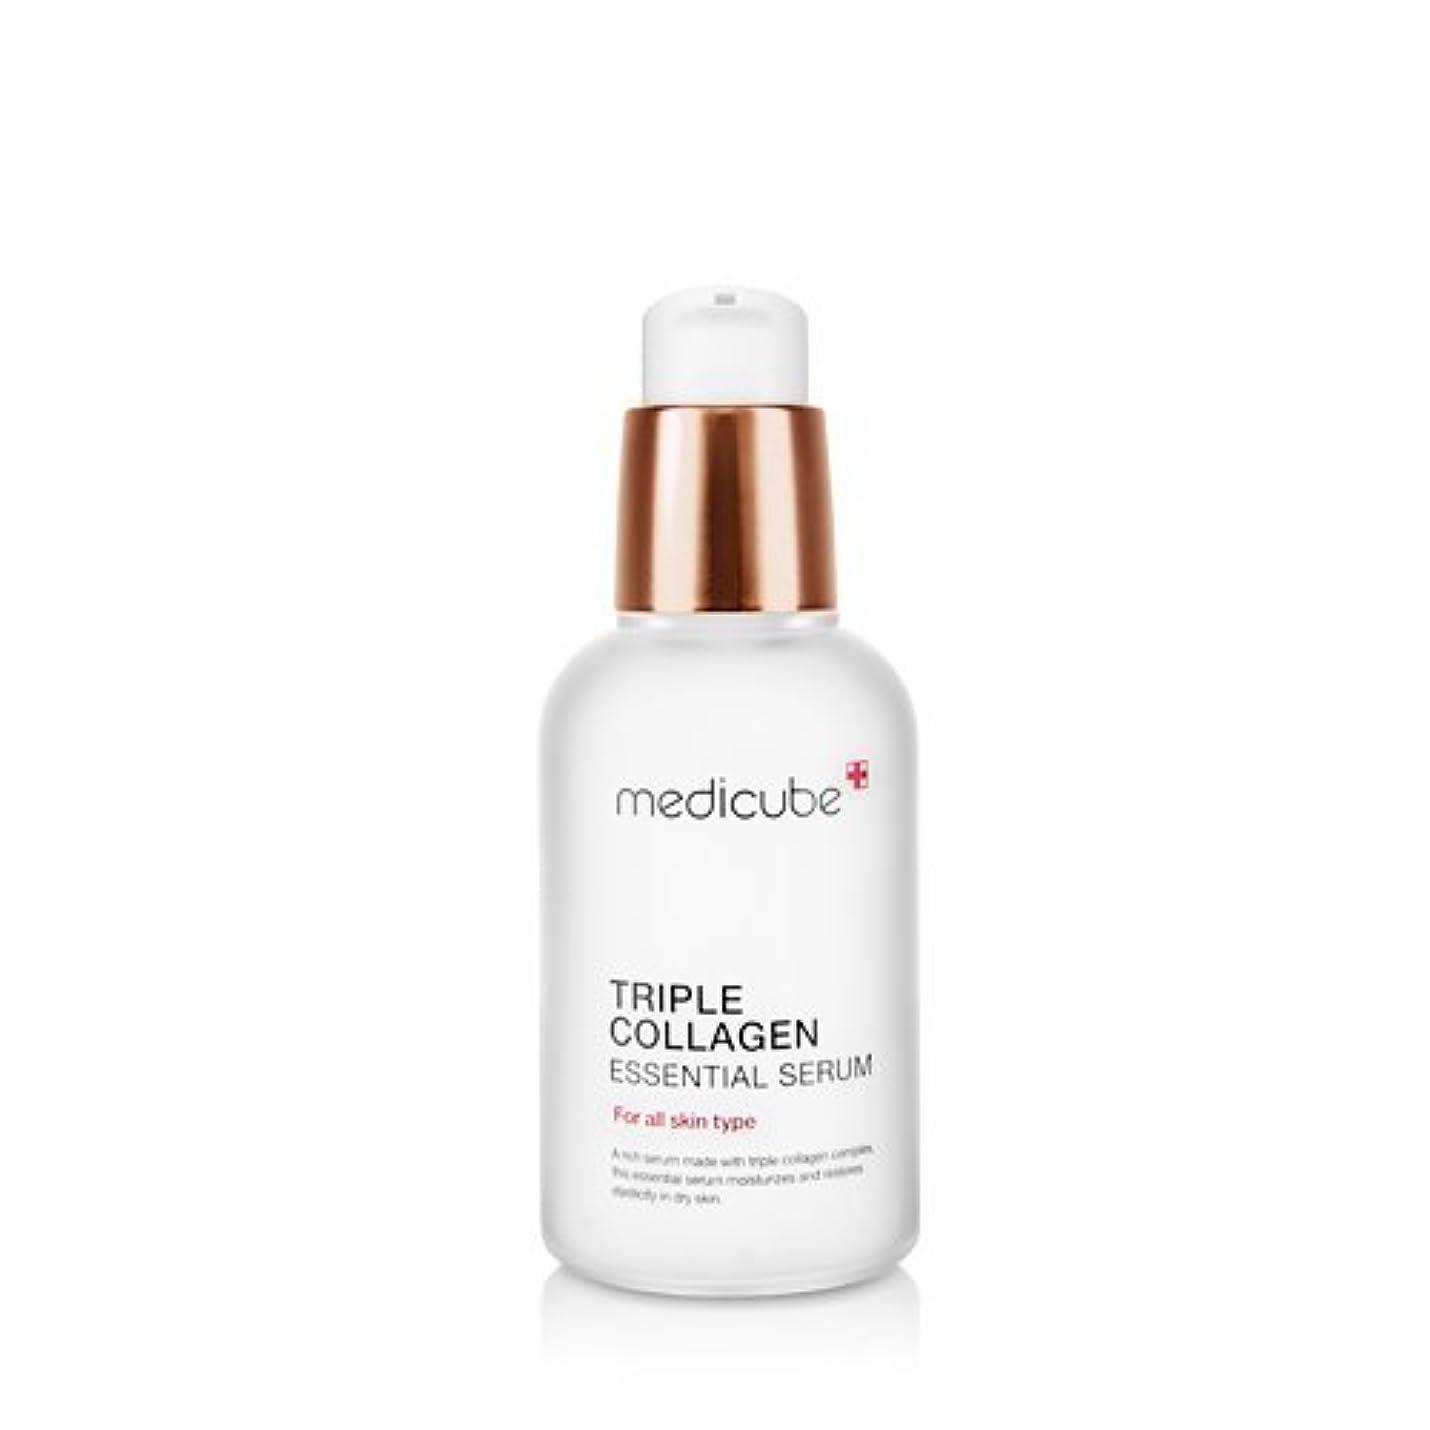 保護する小道宇宙medicube Triple Collagen Essential Serum 50ml/メディキューブ トリプル コラーゲン エッセンシャル セラム 50ml [並行輸入品]